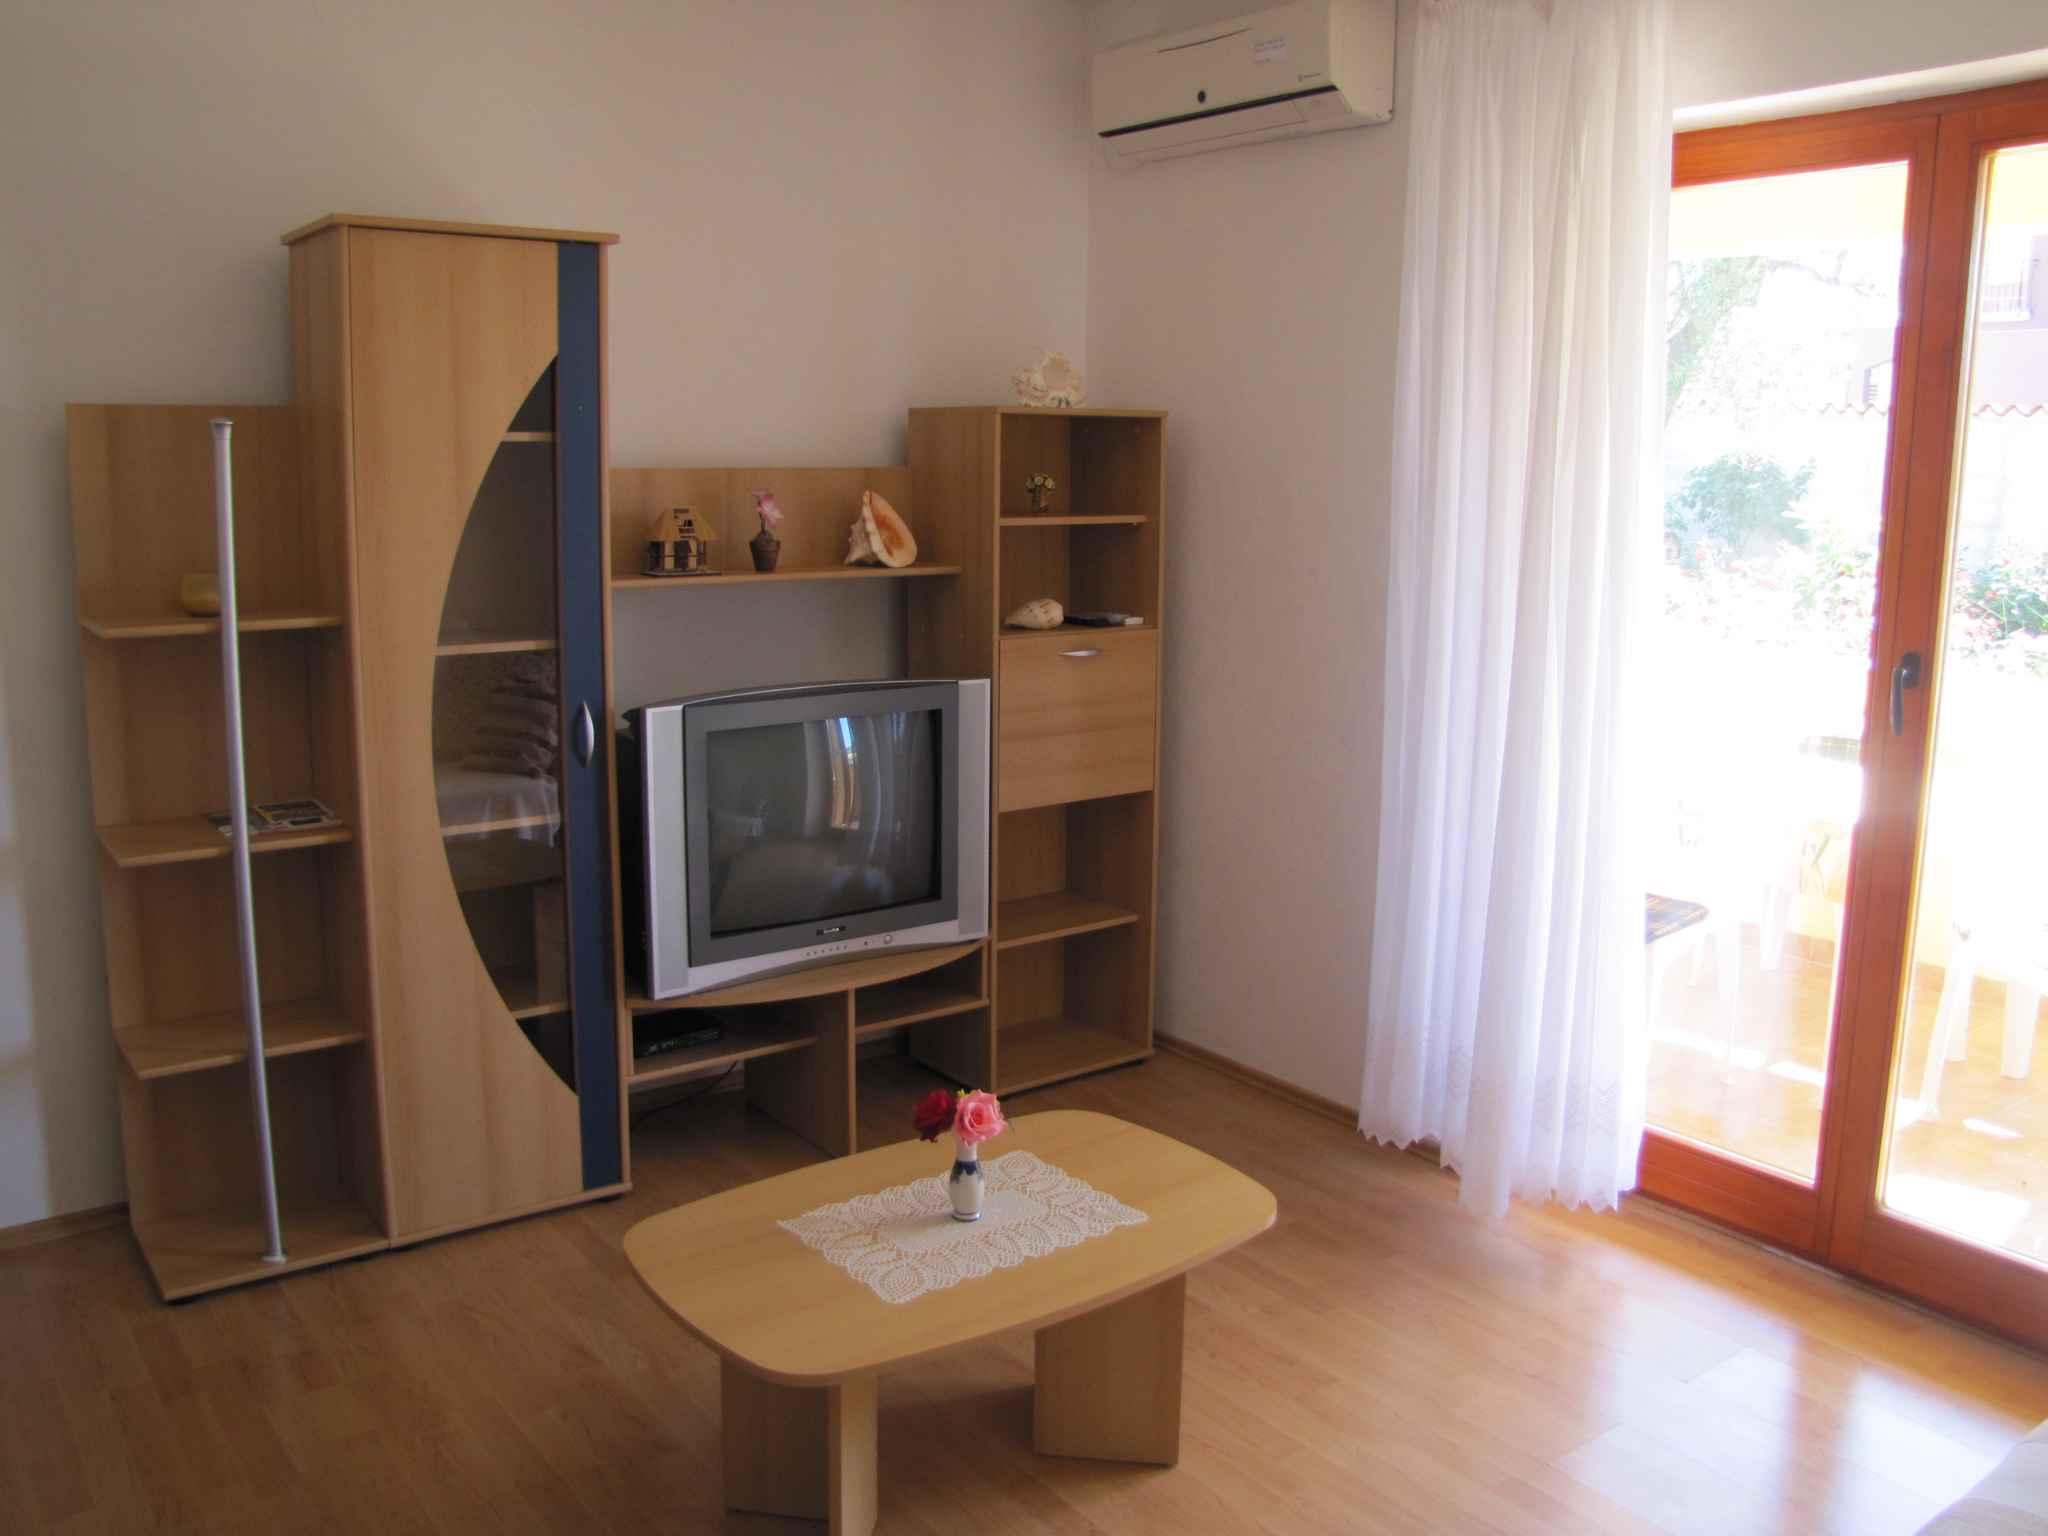 Ferienwohnung mit SAT-TV in ruhiger Lage (280672), Pula, , Istrien, Kroatien, Bild 19